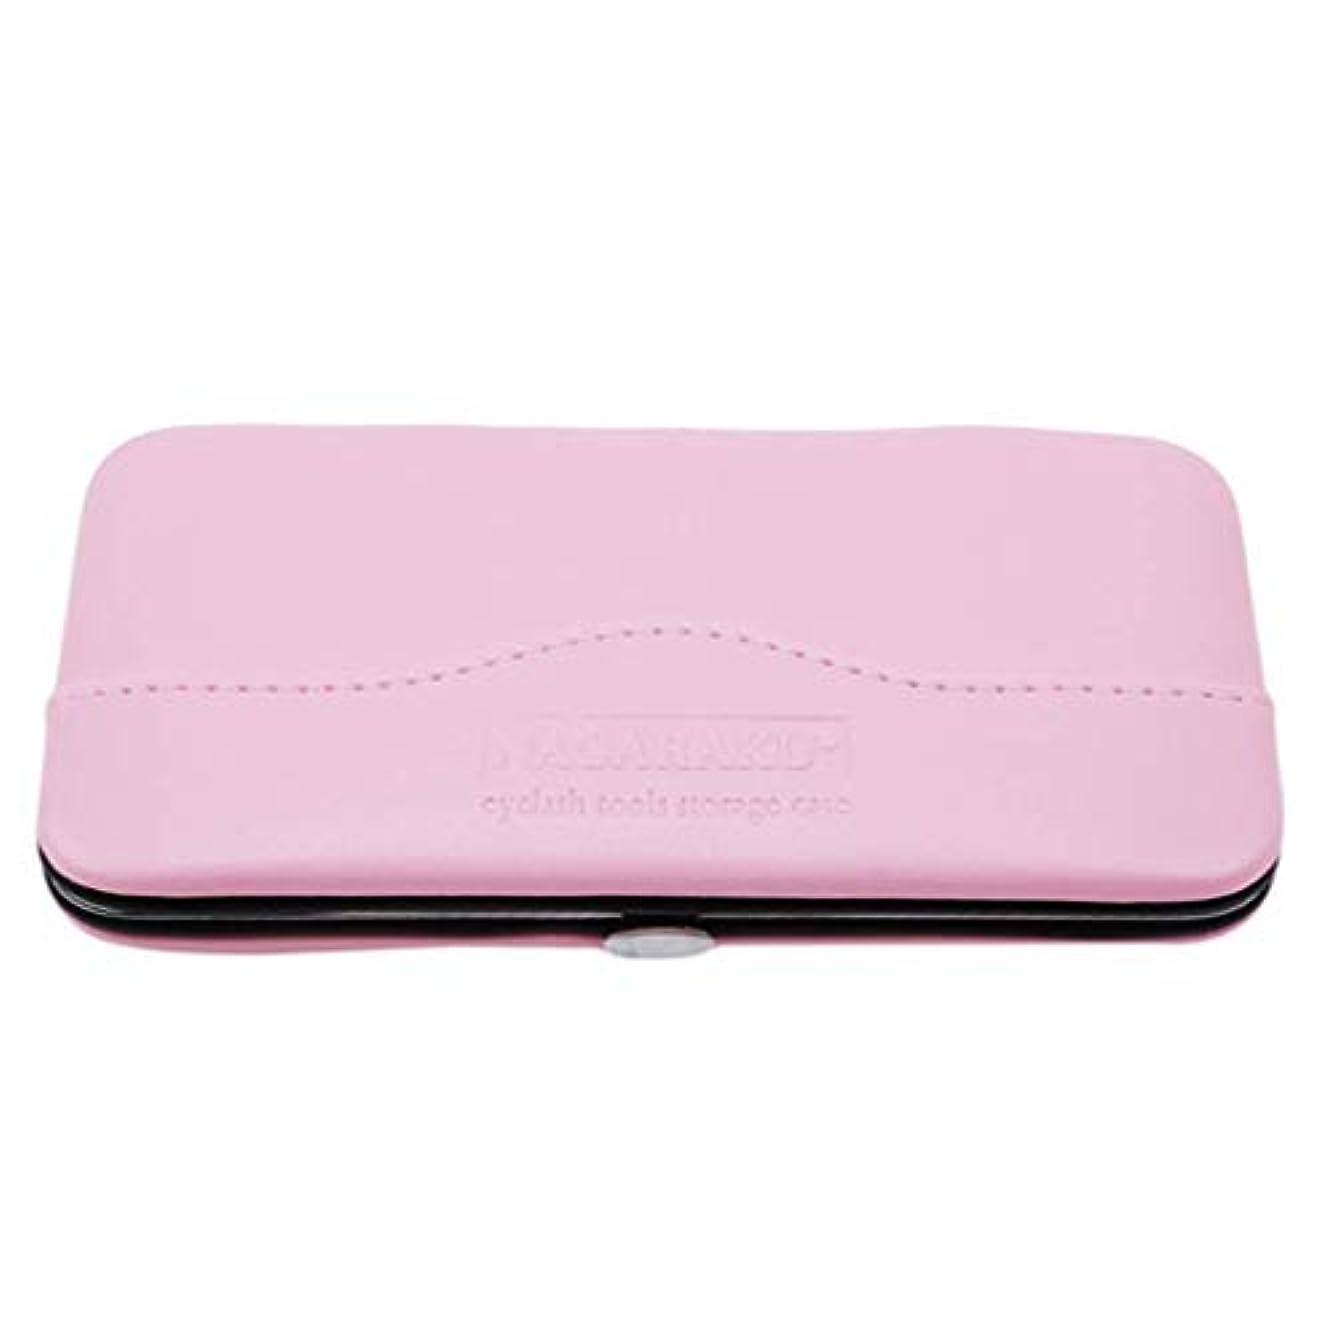 家事をする課す電化する1st market プレミアム品質1ピース化粧道具バッグ用まつげエクステンションピンセット収納ボックスケース